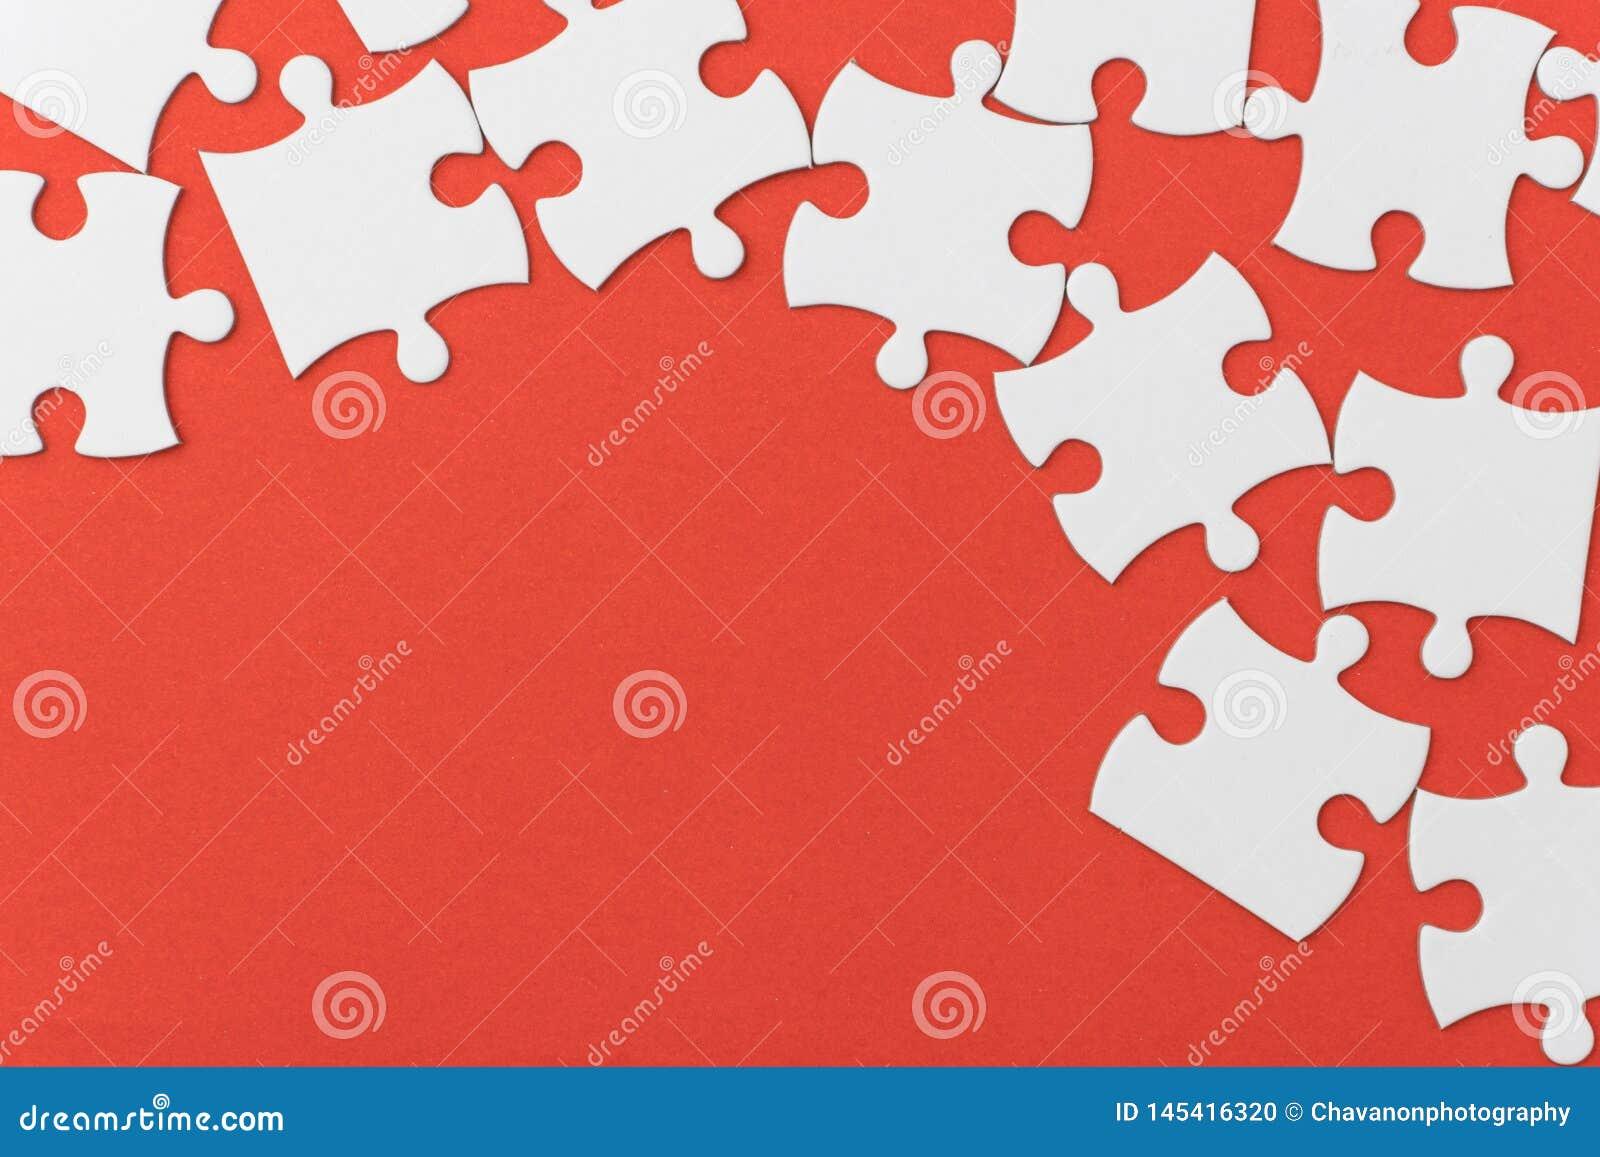 Незаконченная текстура мозаики на красной предпосылке концепция соединения концепция идеи концепция ассоциации